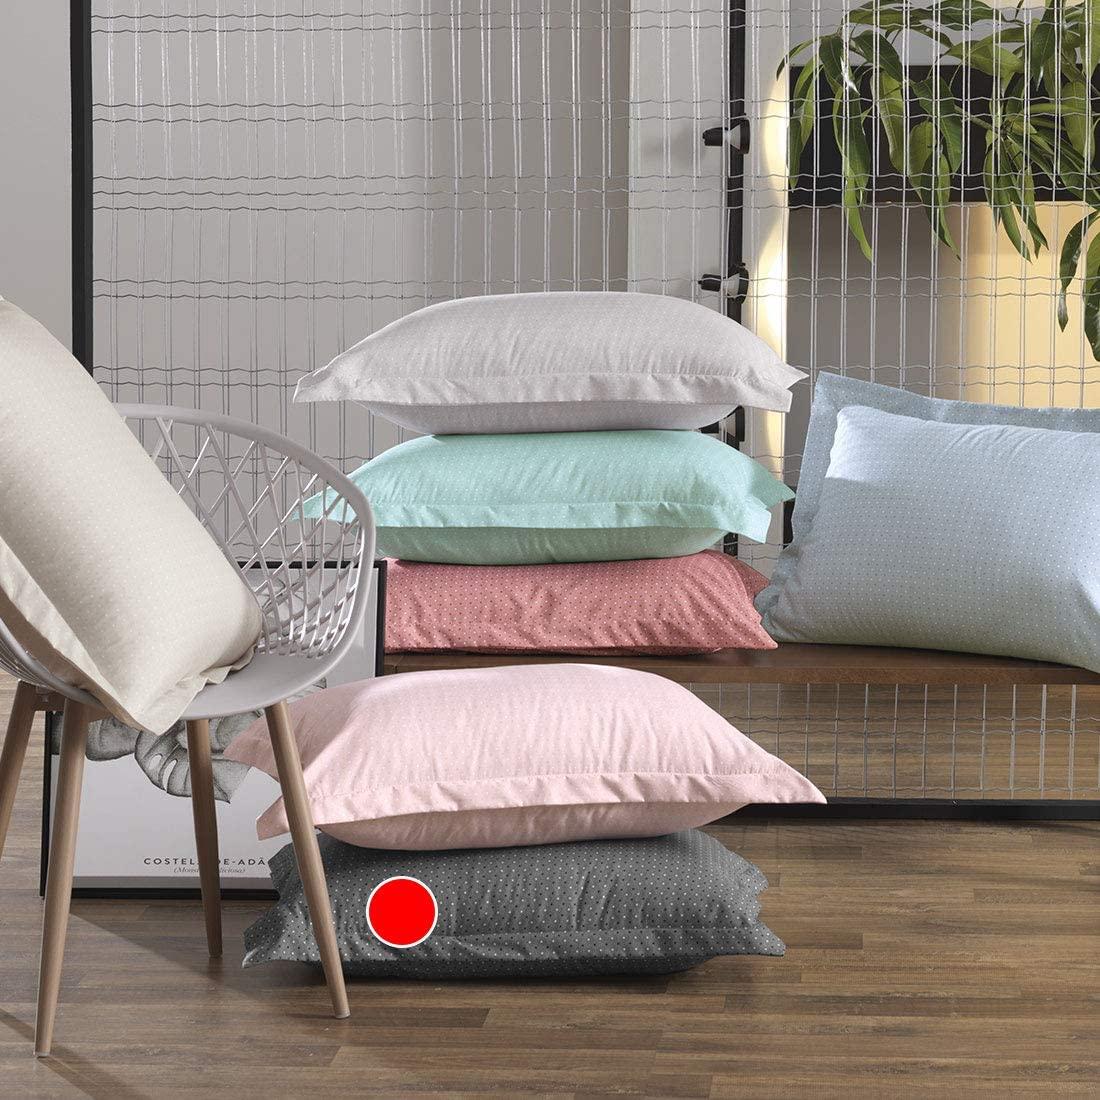 Lençol Avulso C / Elastico Queen Poa  All Design,